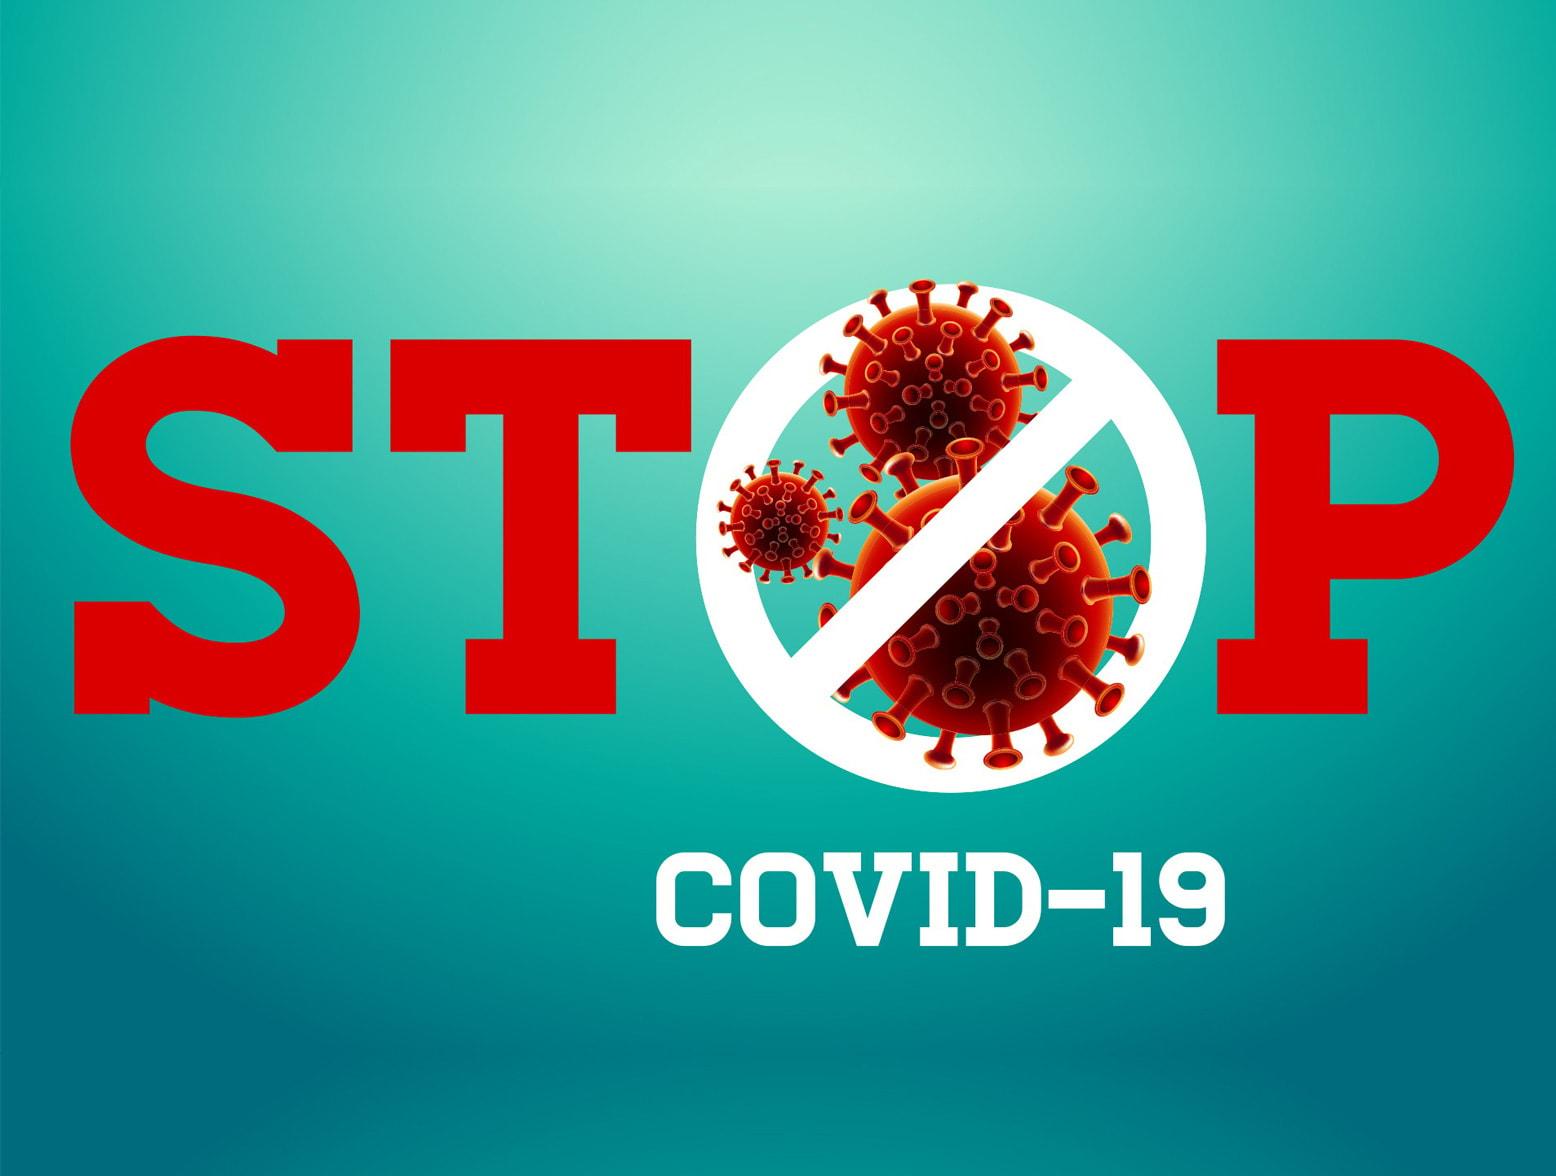 Detroit COVID-19 Resources